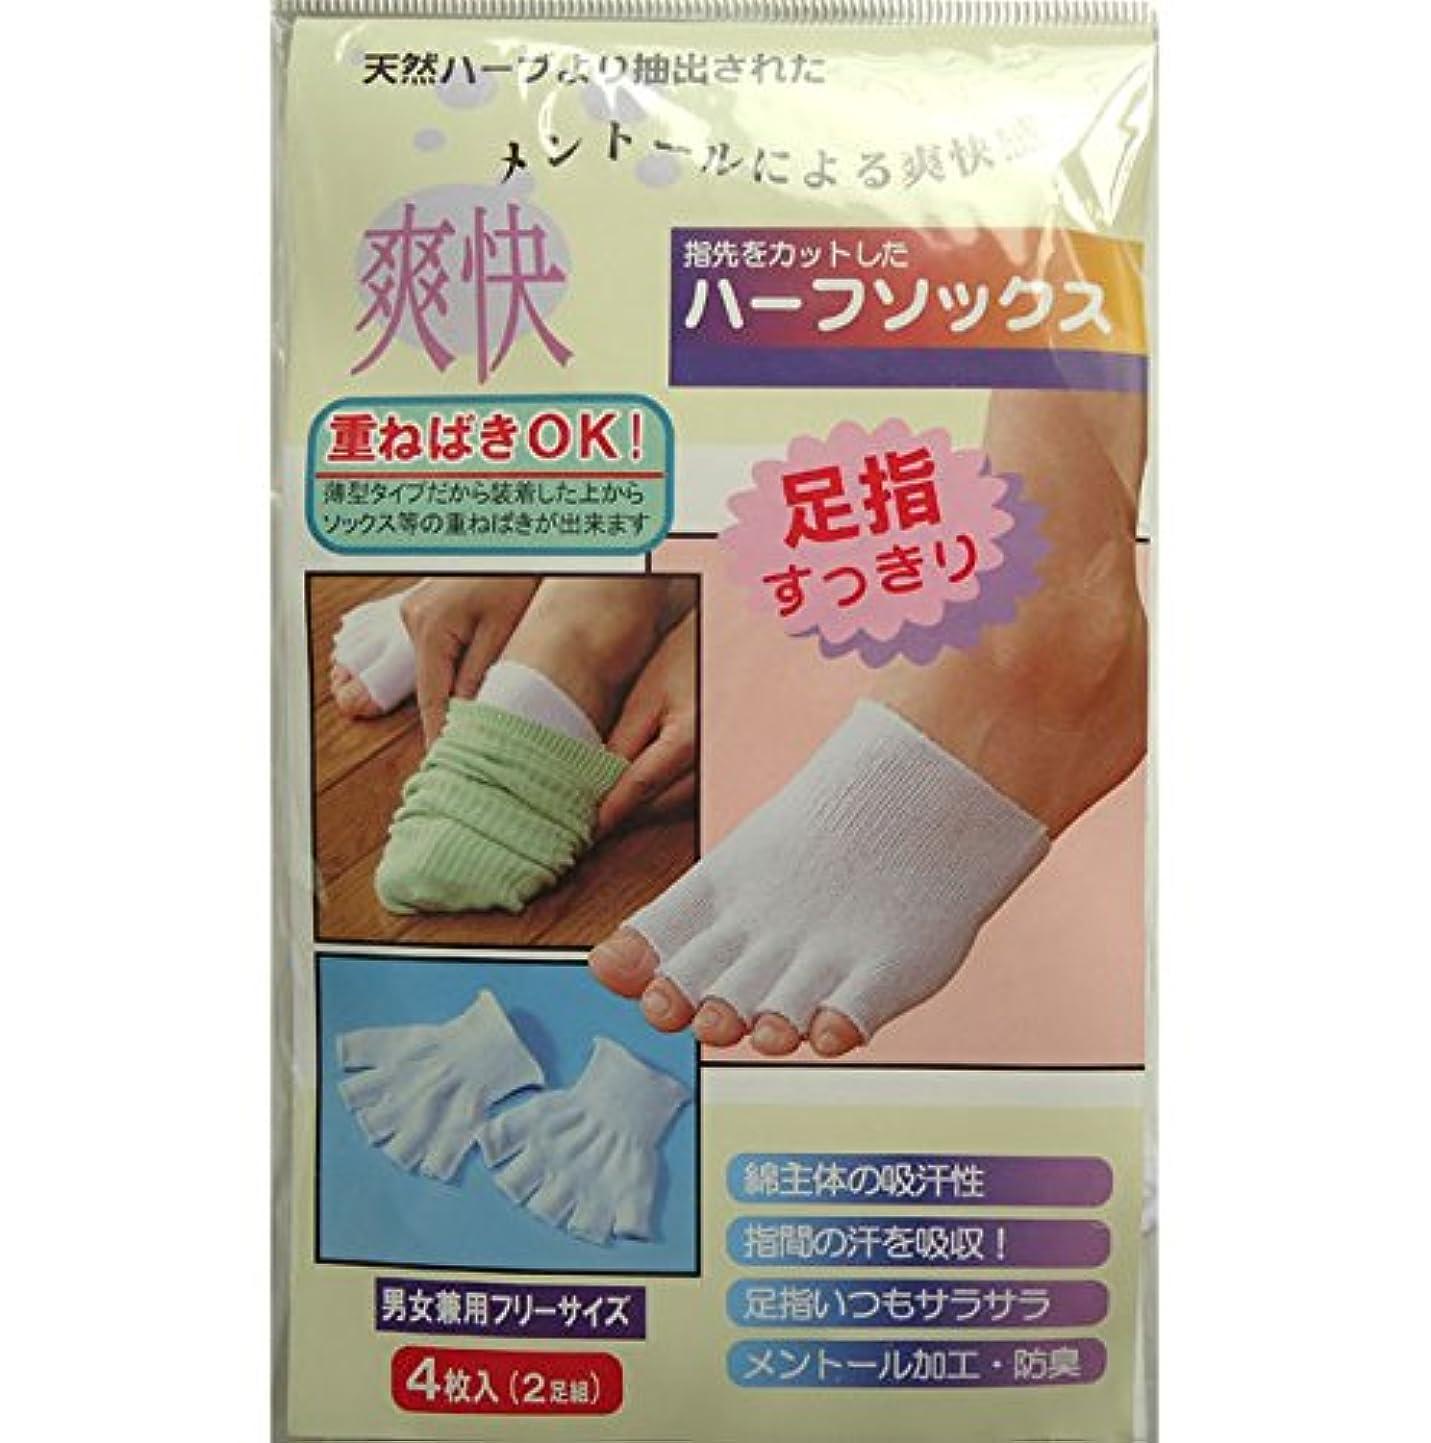 何か老朽化した逮捕日本製 ハーフソックス 5本指 綿 抗菌防臭 メンズ レディースお買得2足組(ホワイト)